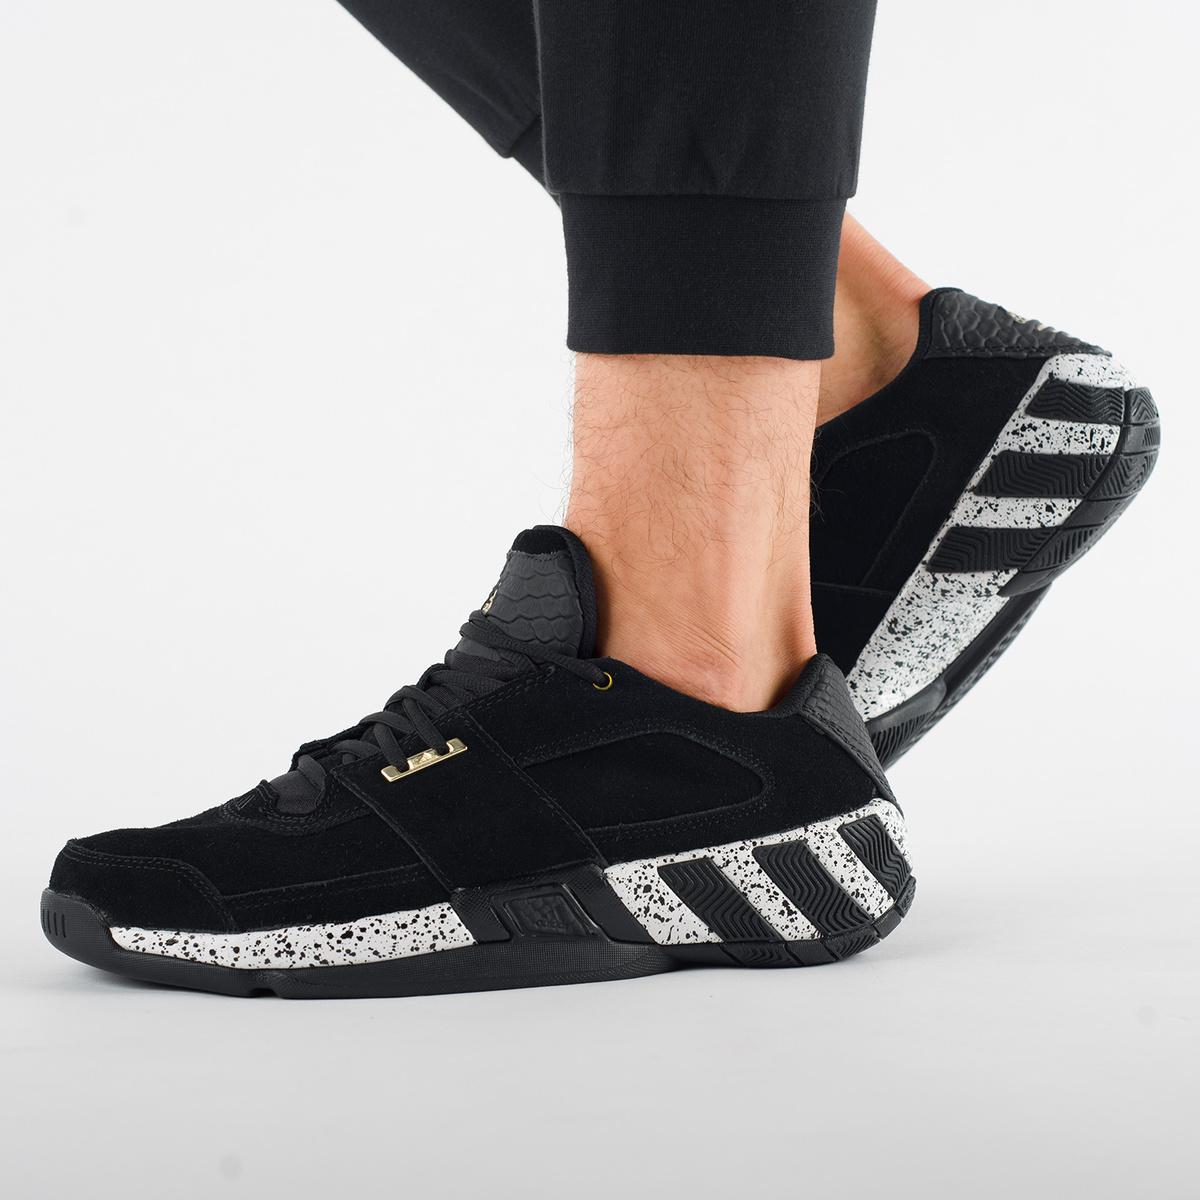 正品阿迪达斯男鞋2017冬新款运动鞋阿里纳斯战靴缓震篮球鞋CG5278